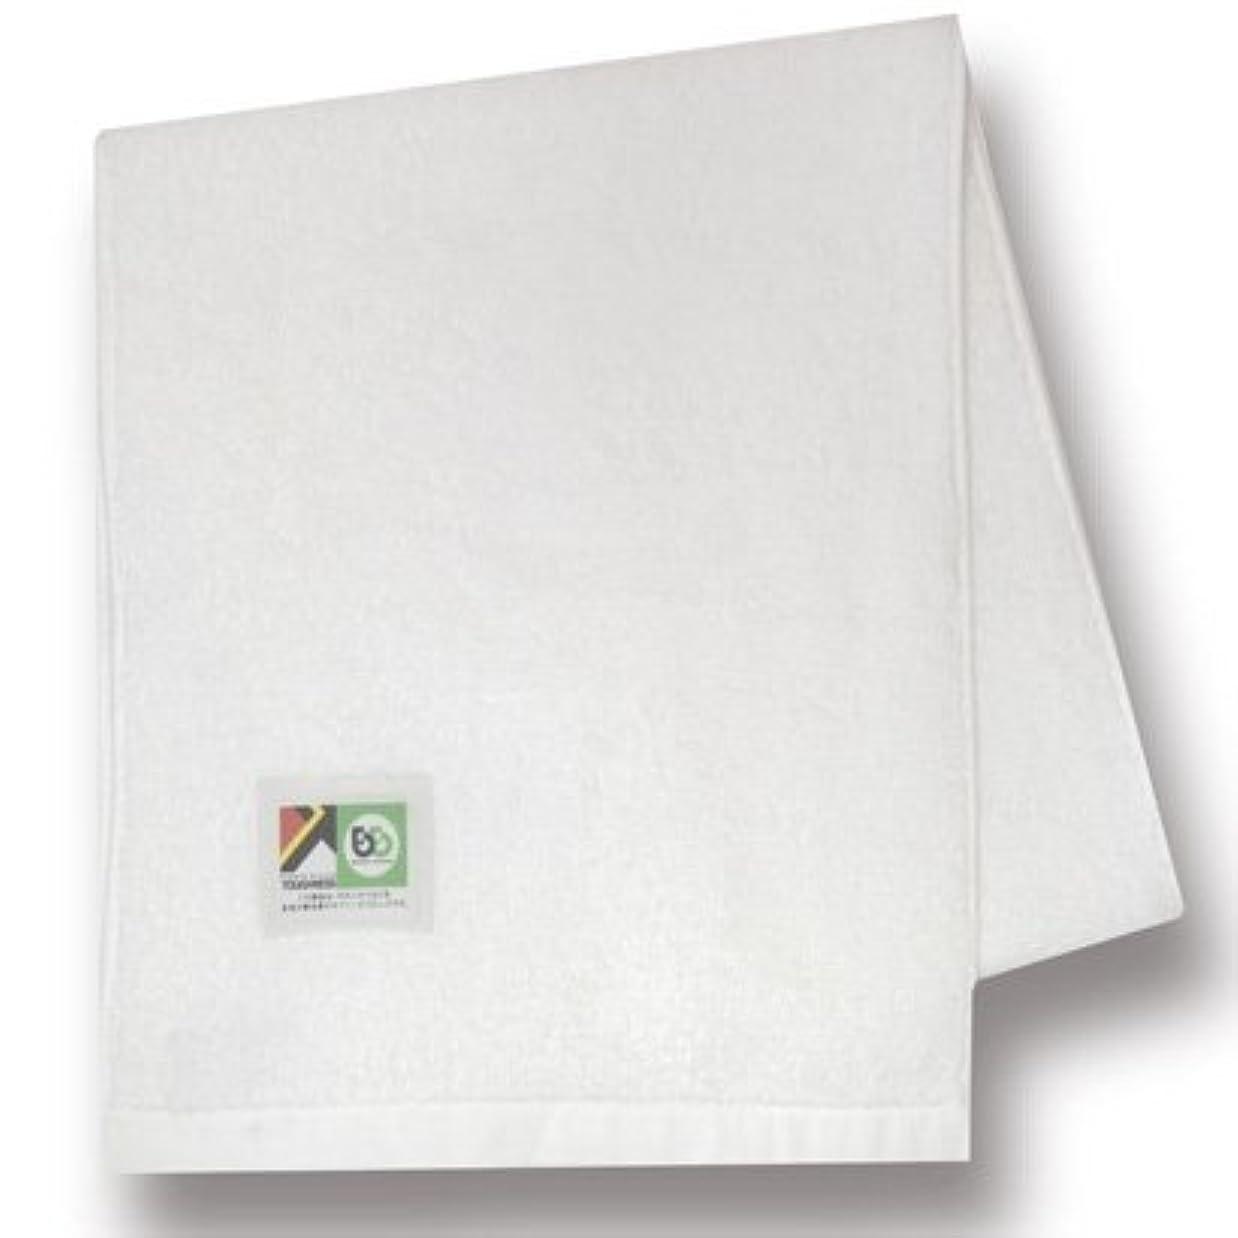 召喚する密度異常BreezeBronze(ブリーズブロンズ) ワークタオル ホワイト T-4-WH